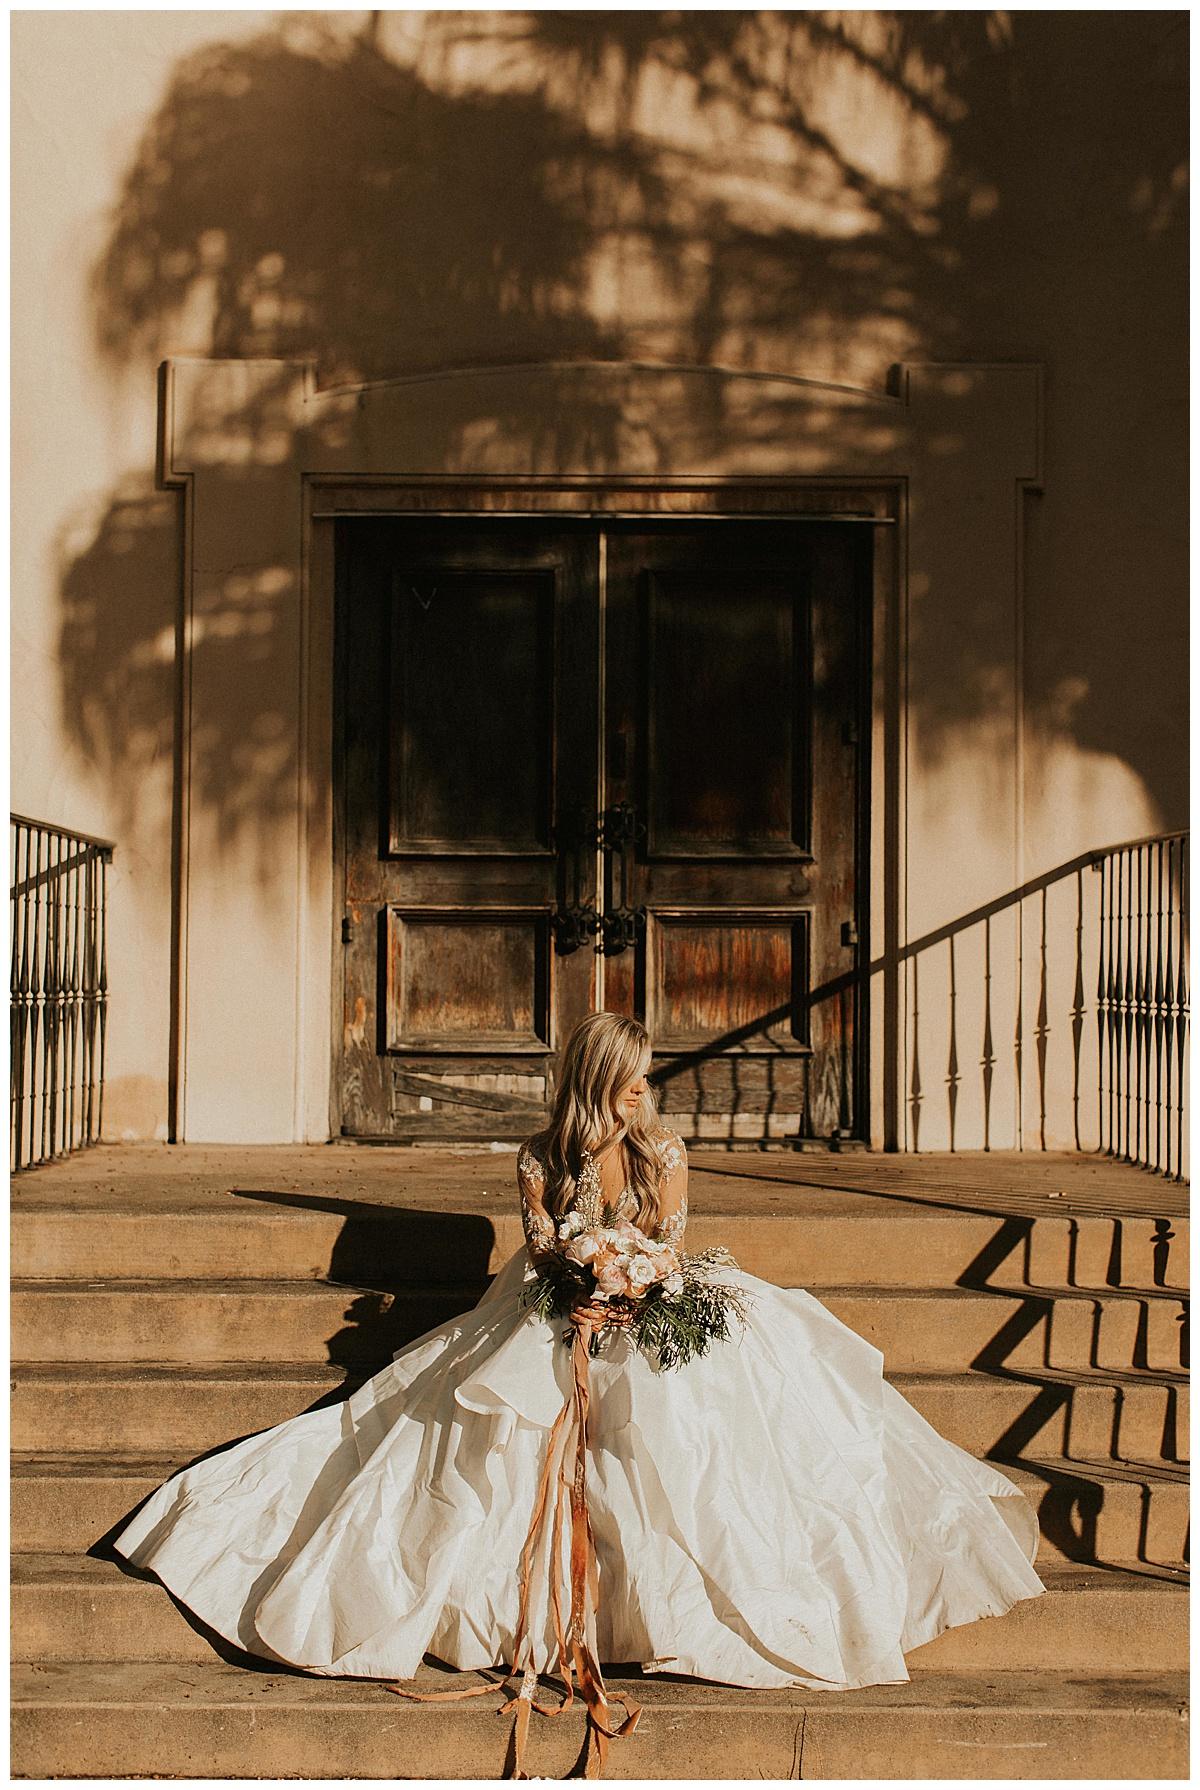 Bixby+Pine-Sarah-Anne-Photography-Balboa-Park-San-Diego-Californai_0002.jpg